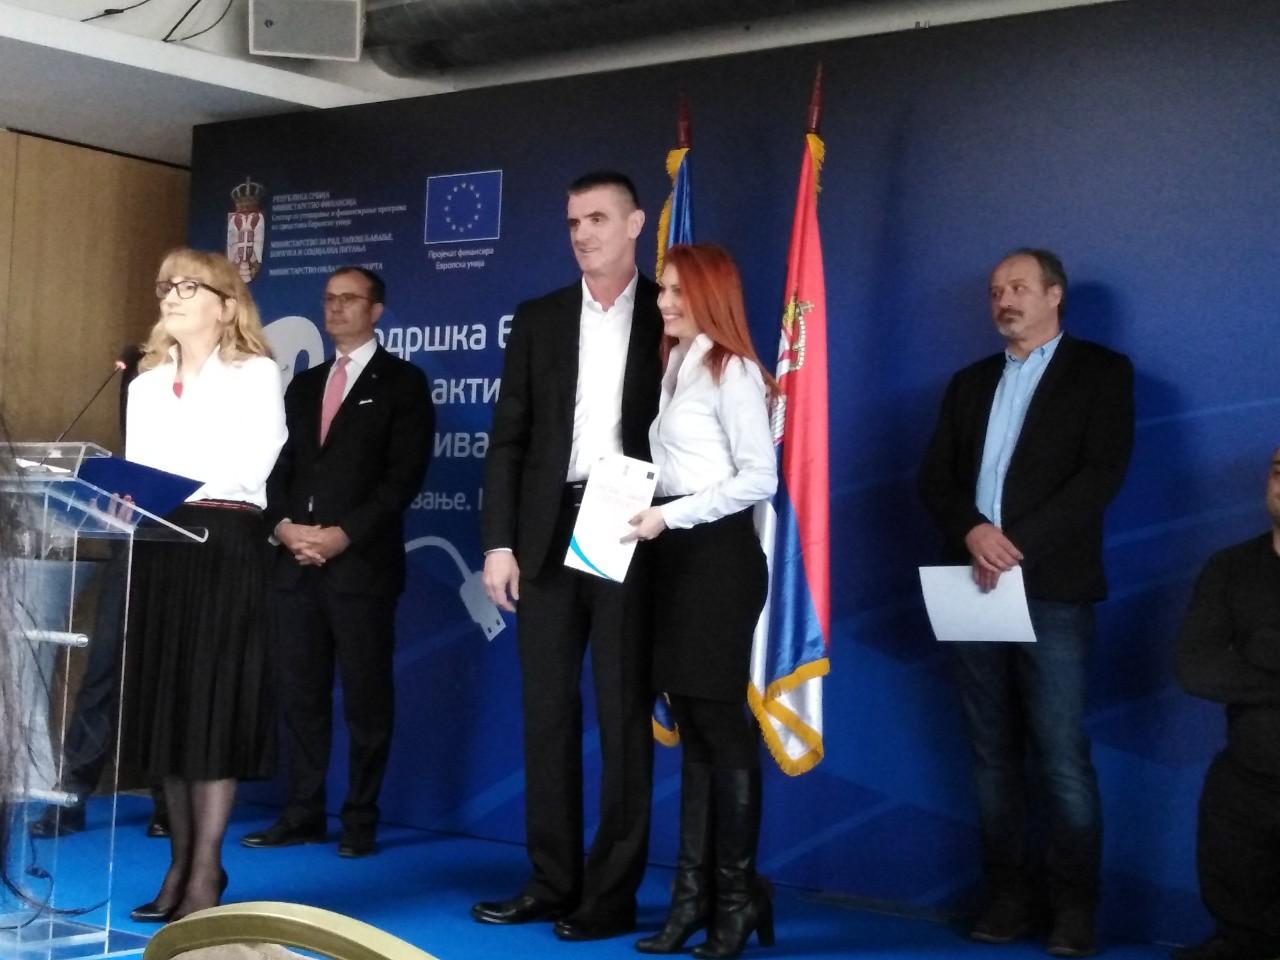 Перуничић: Србија препознала важност запошљавања младих